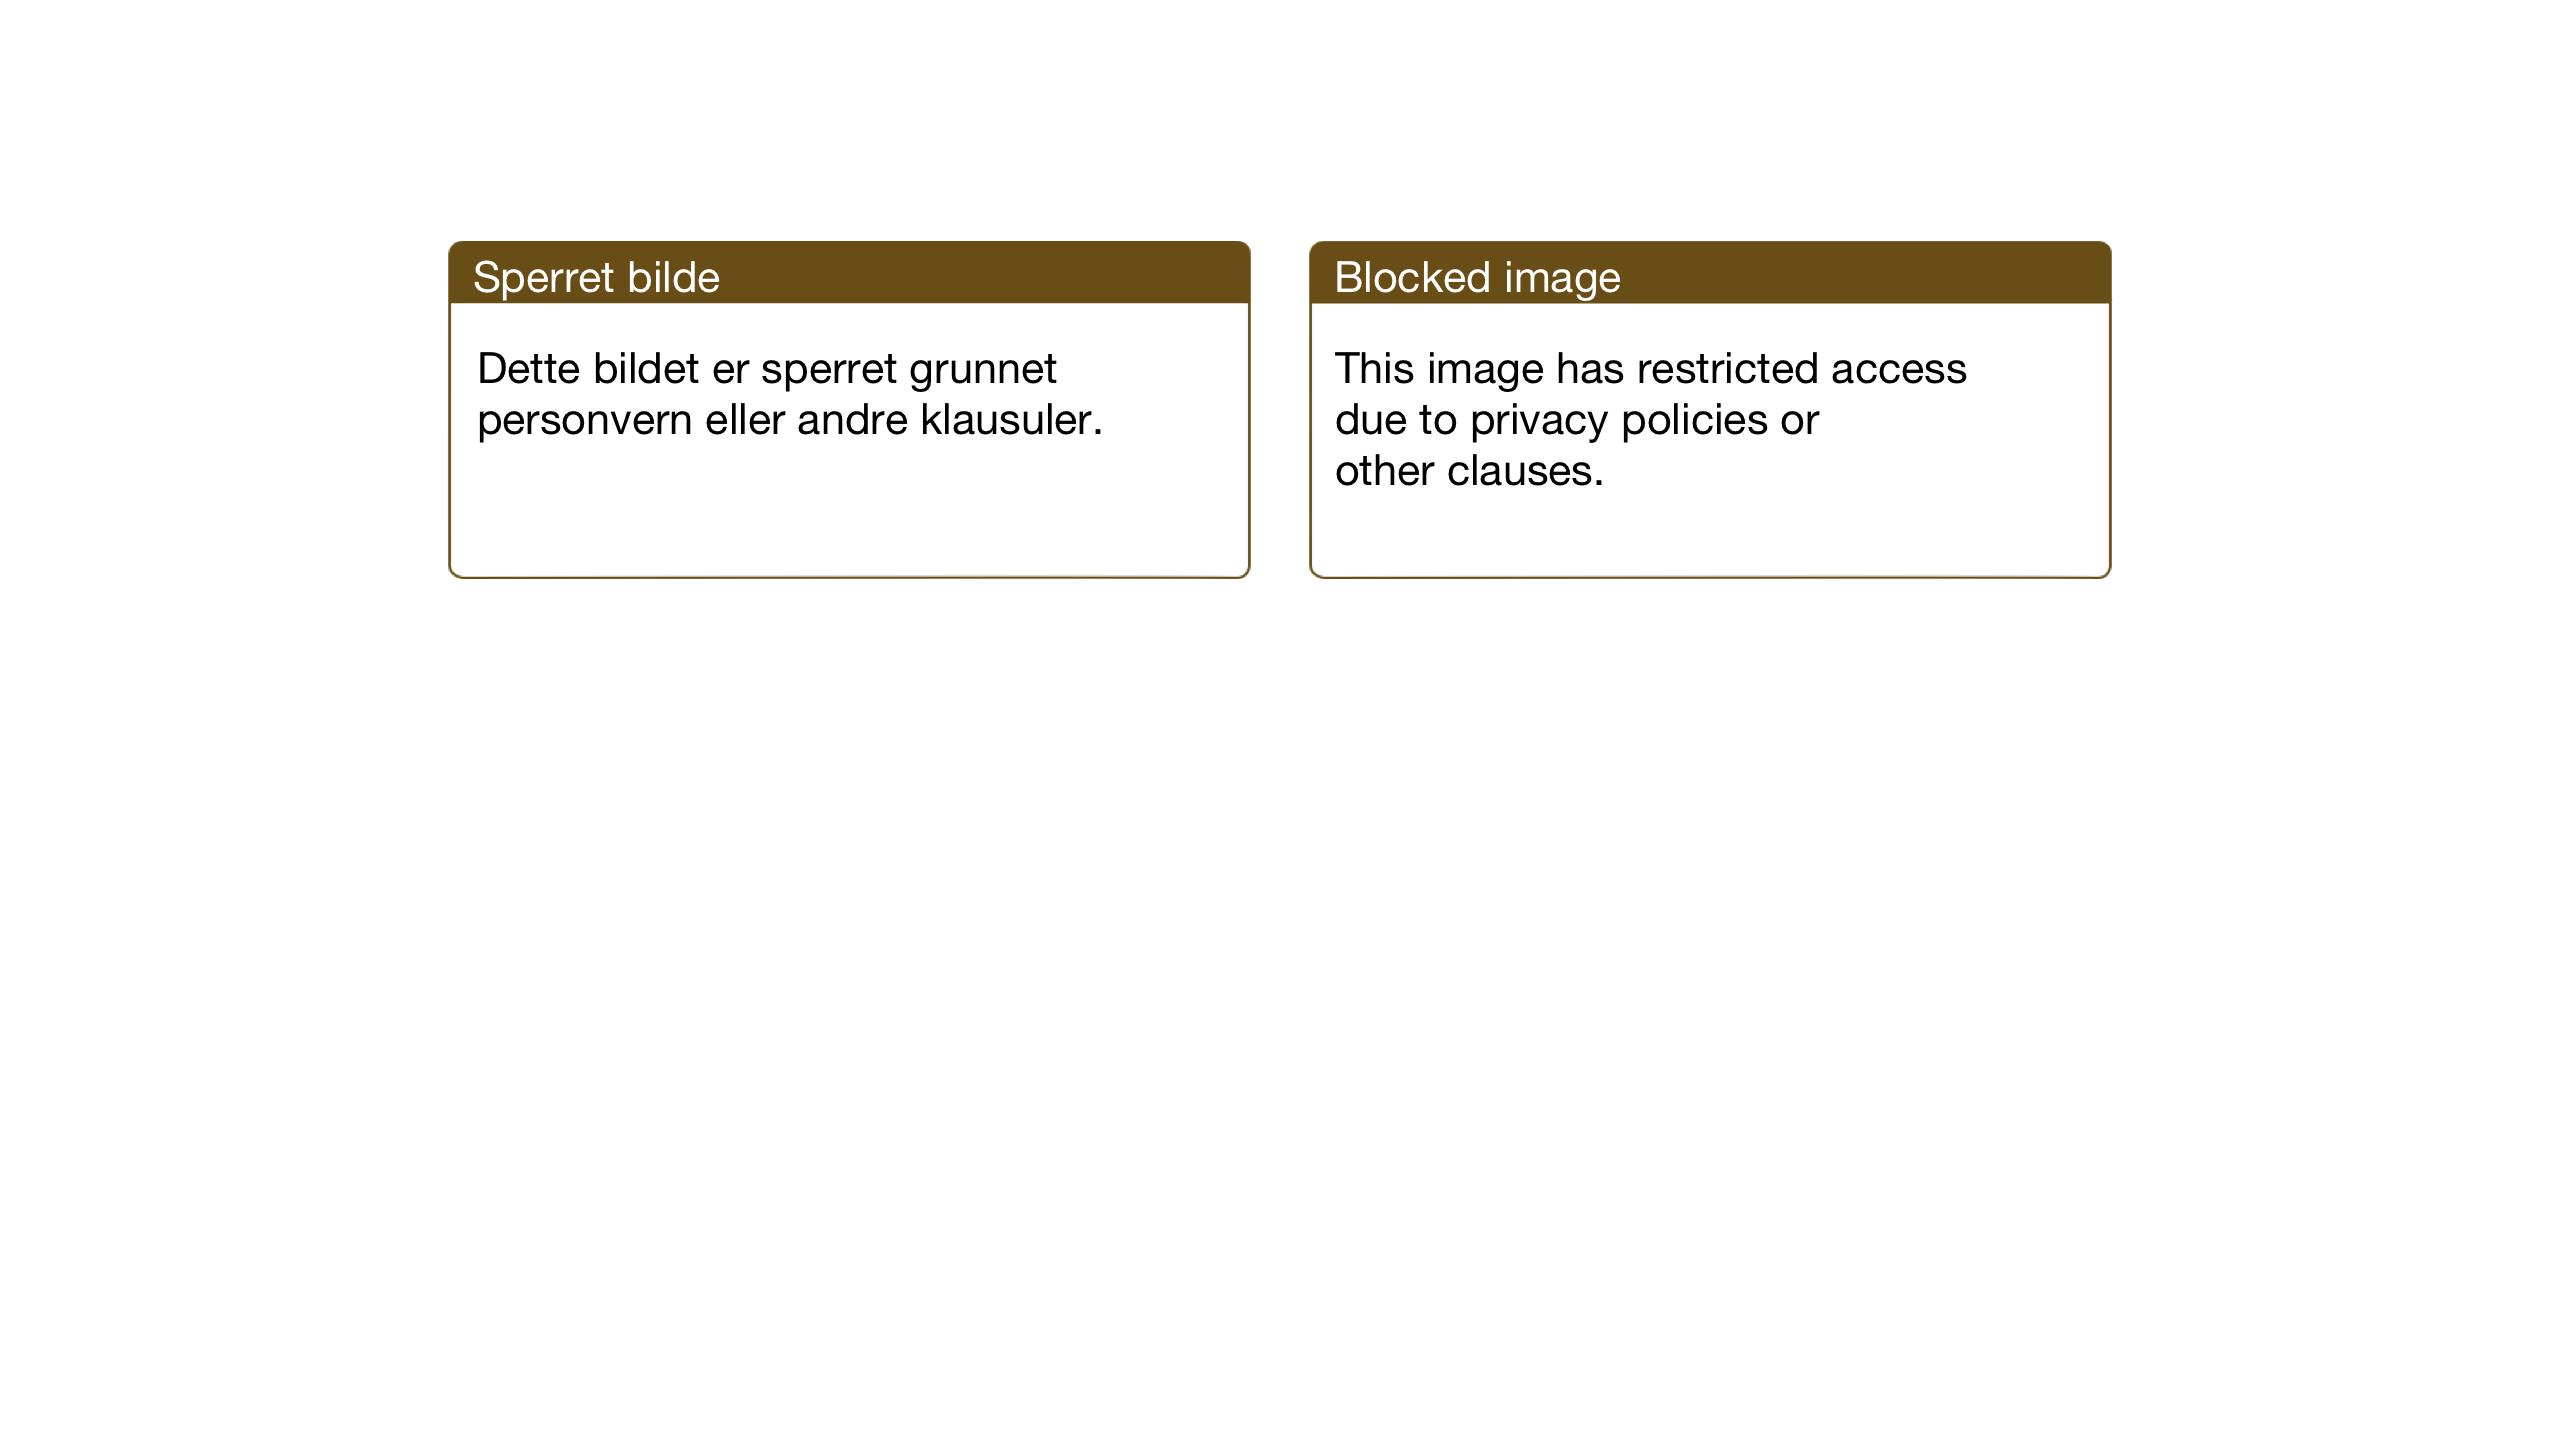 SAT, Ministerialprotokoller, klokkerbøker og fødselsregistre - Sør-Trøndelag, 652/L0654: Klokkerbok nr. 652C02, 1910-1937, s. 55